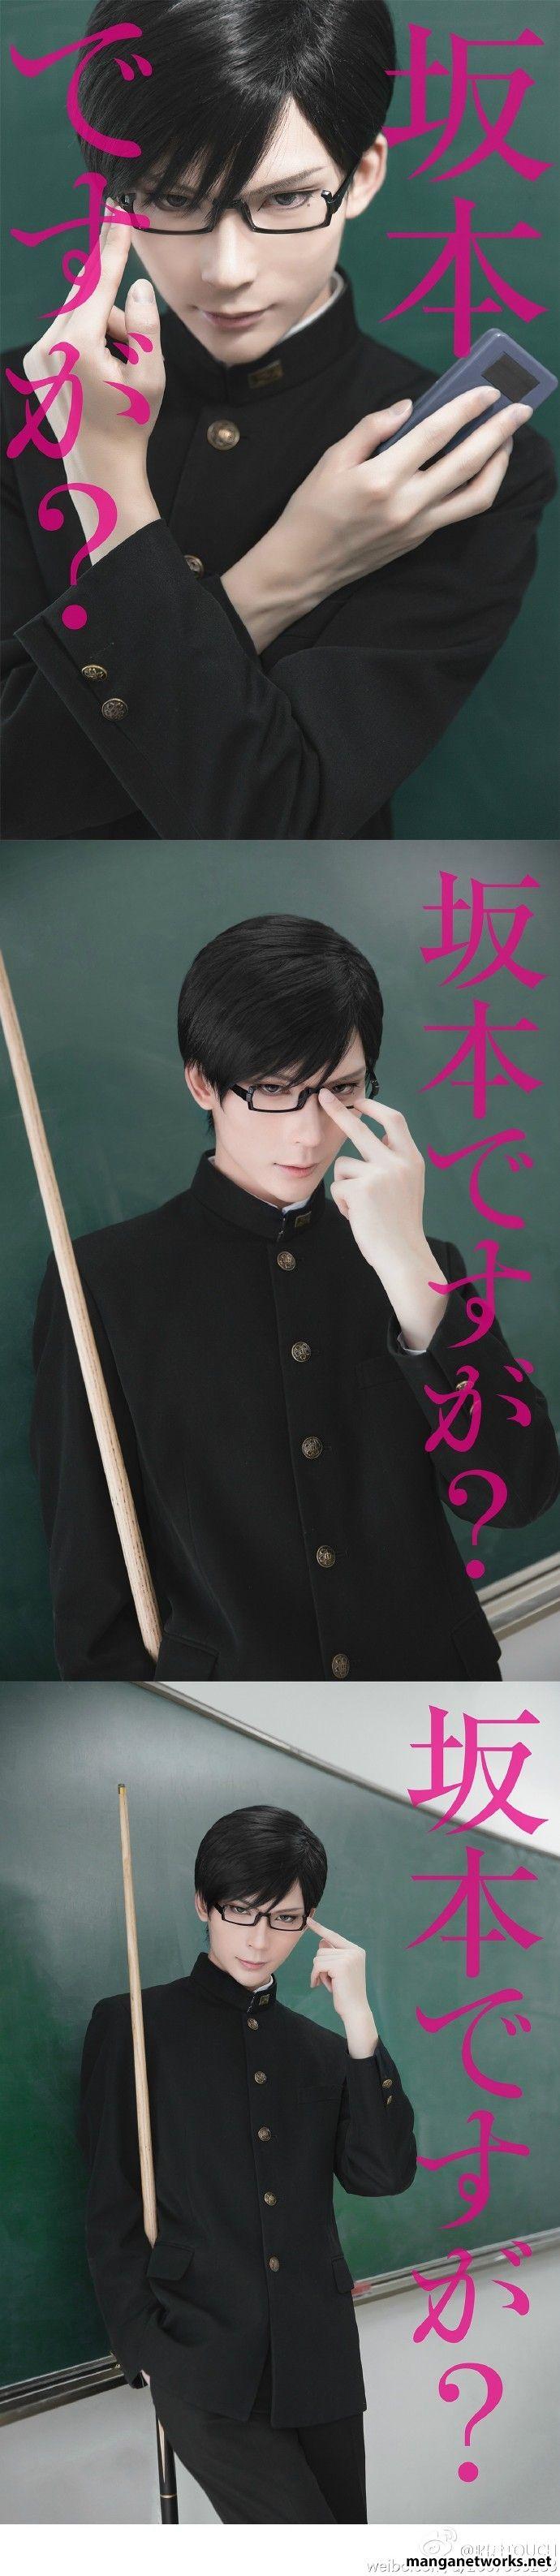 Có lẽ Soái ca toàn diện Sakamoto không còn là cái tên quá xa lạ với cộng động Fan anime Việt Nam . Mặc dù chỉ xuất hiện một thời gian ngắn trong mùa xuân 2016 .Nhưng chắc hẳn Sakamoto là chủ đề muôn thuở để cho các coser thực hiện các dự án của …